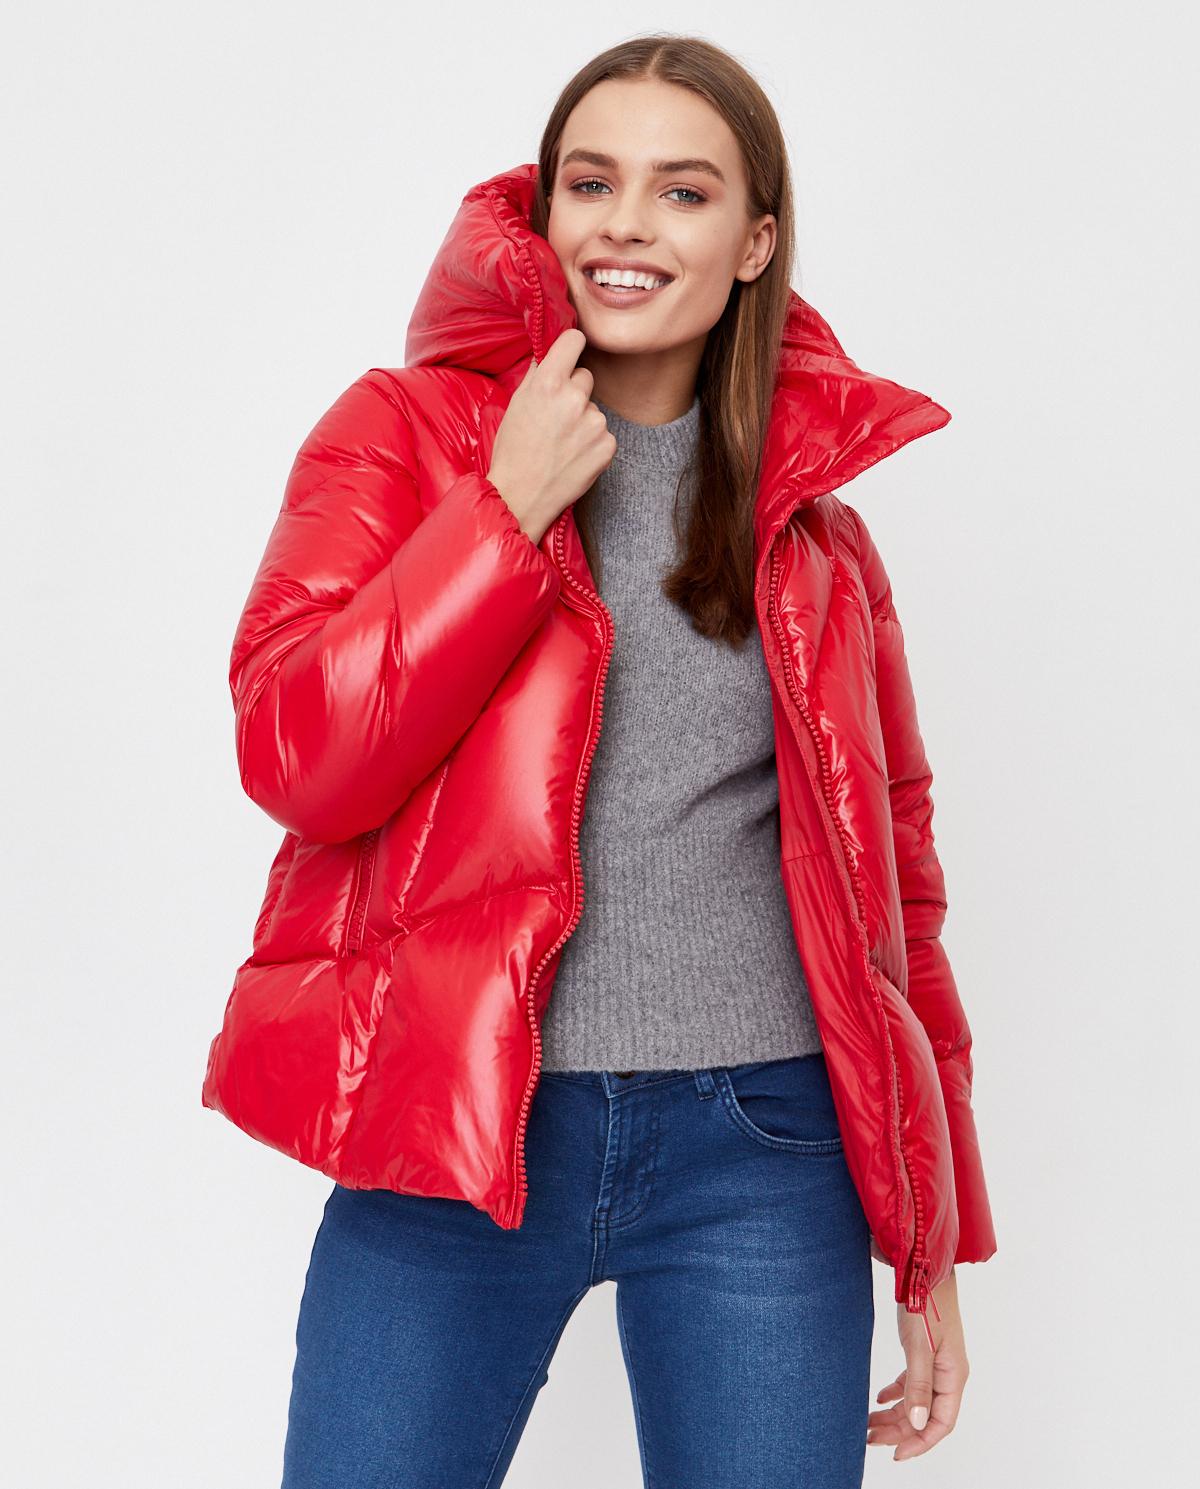 Czerwona kurtka puchowa Honey Hetrego 8I703 RED